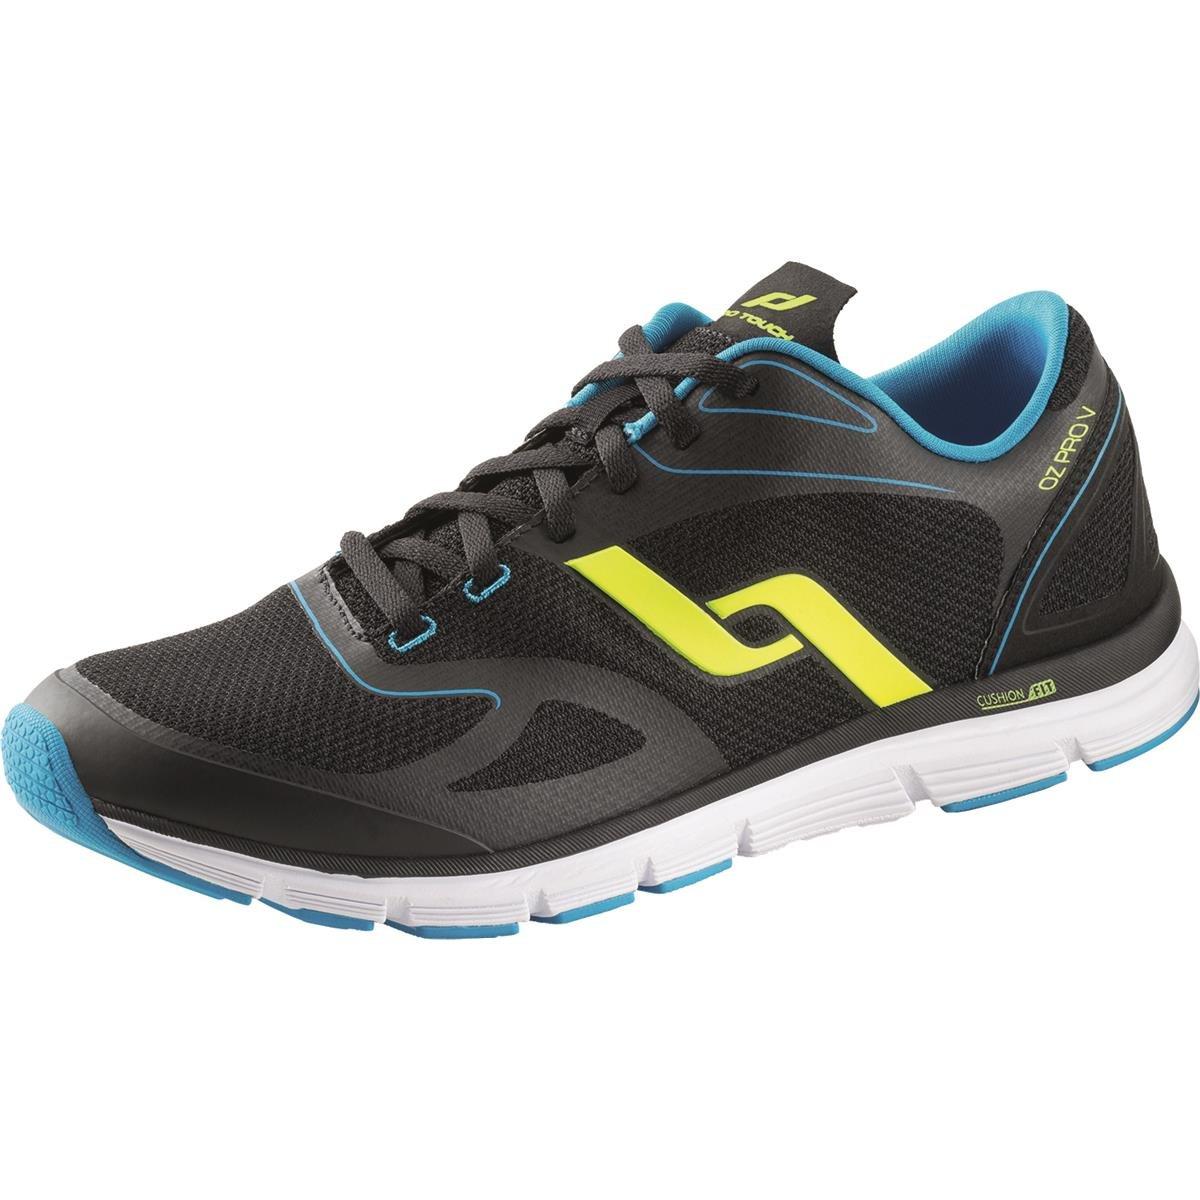 Pro Touch Run-Schuh Oz Pro V M - blau/schwarz/rot, Größe:44